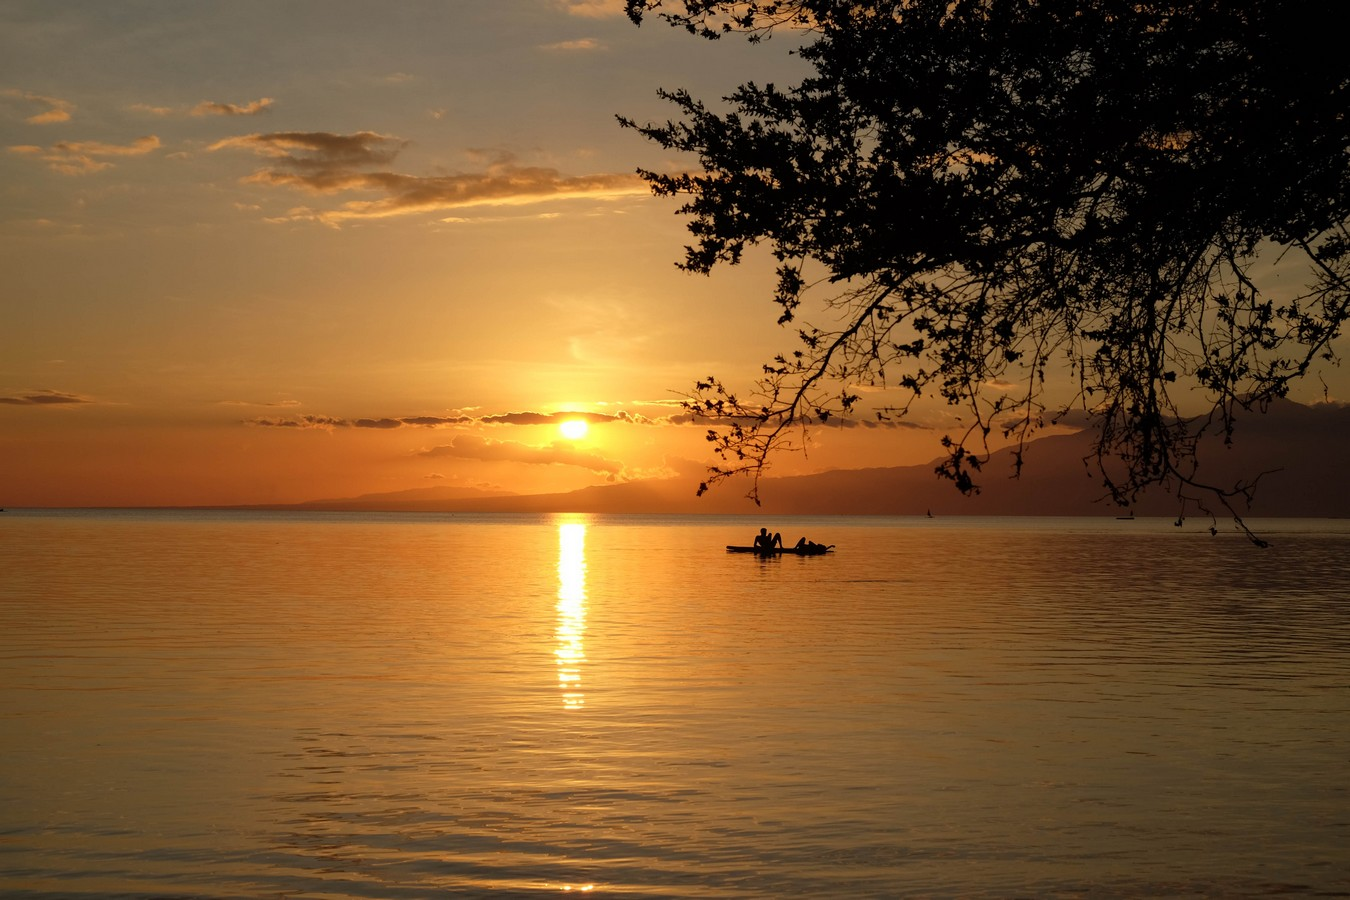 Coucher de soleil depuis la plage de San Juan à Siquijor aux Philippines.